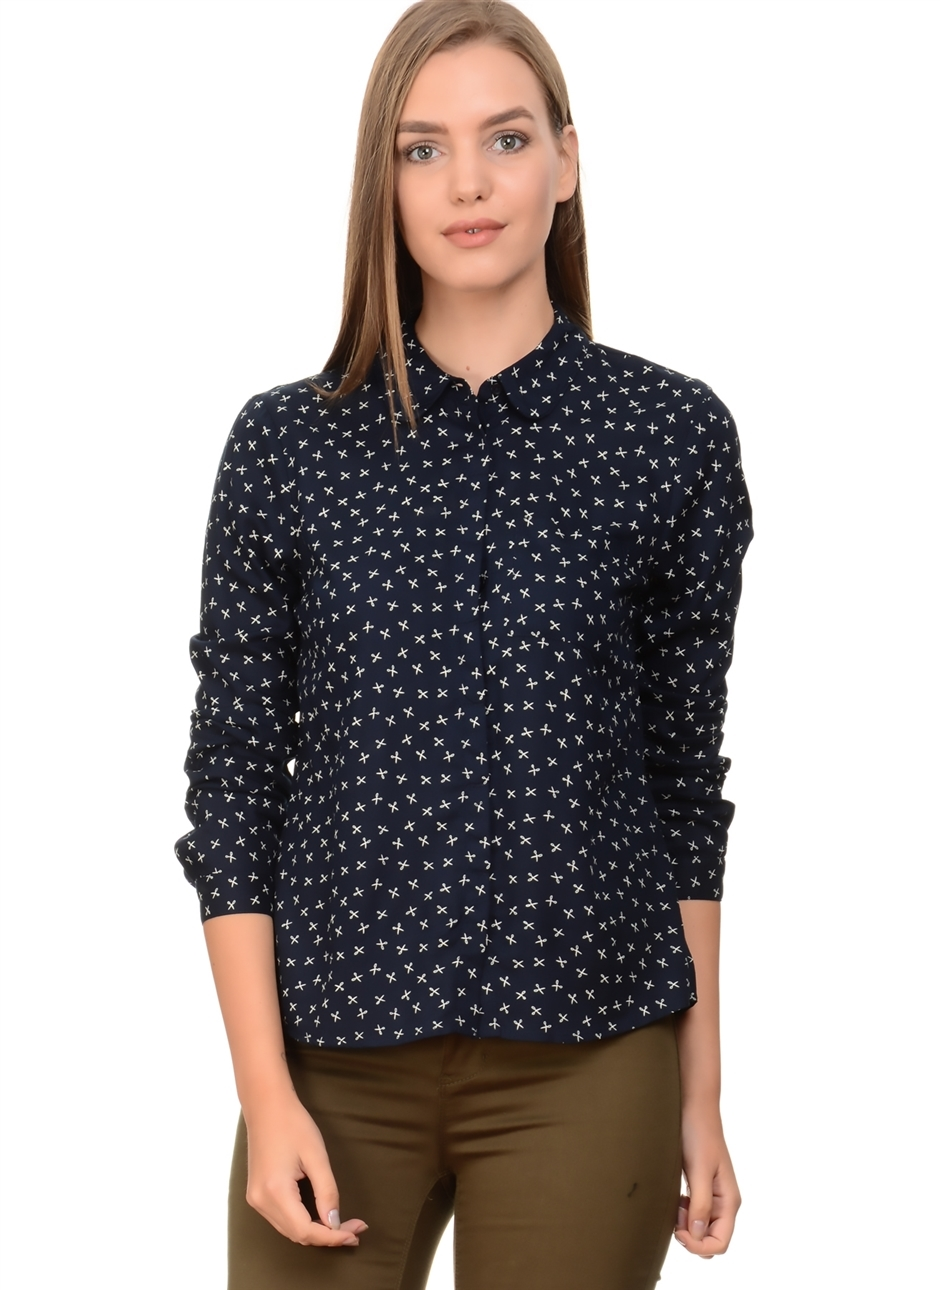 Vero Moda Gömlek M 5000130485001 Ürün Resmi